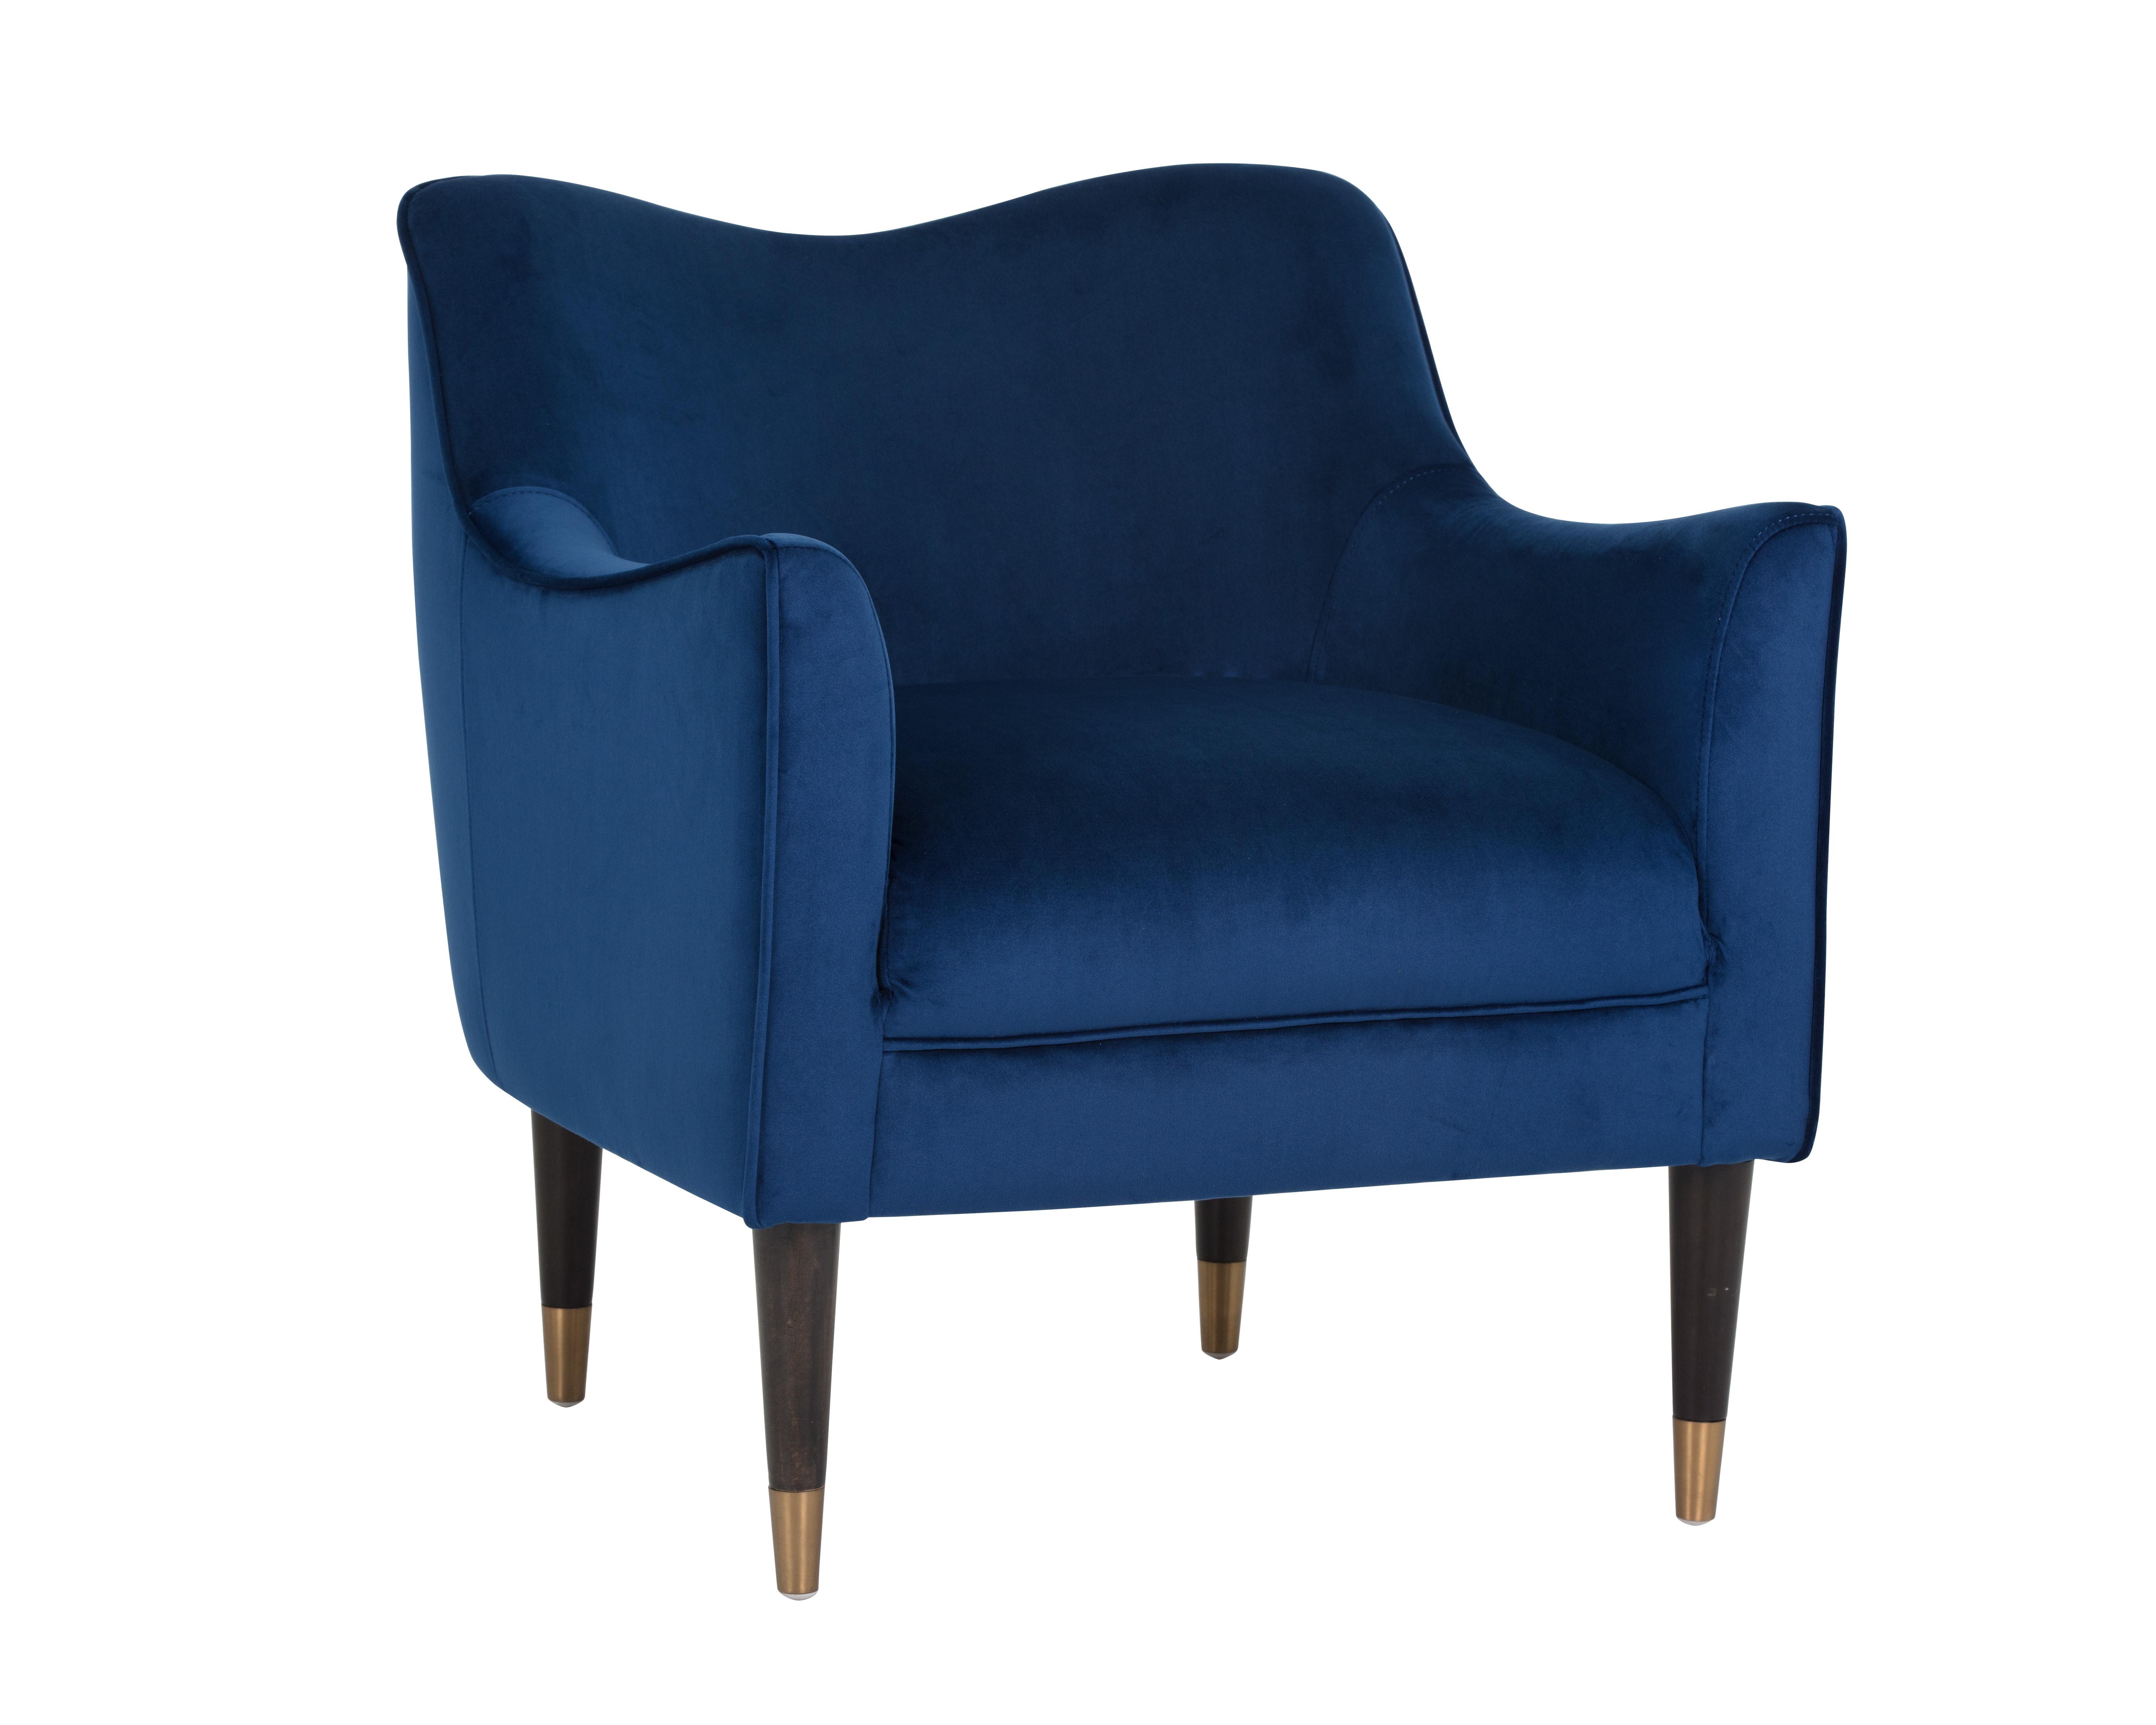 Sunpan Bow armchair